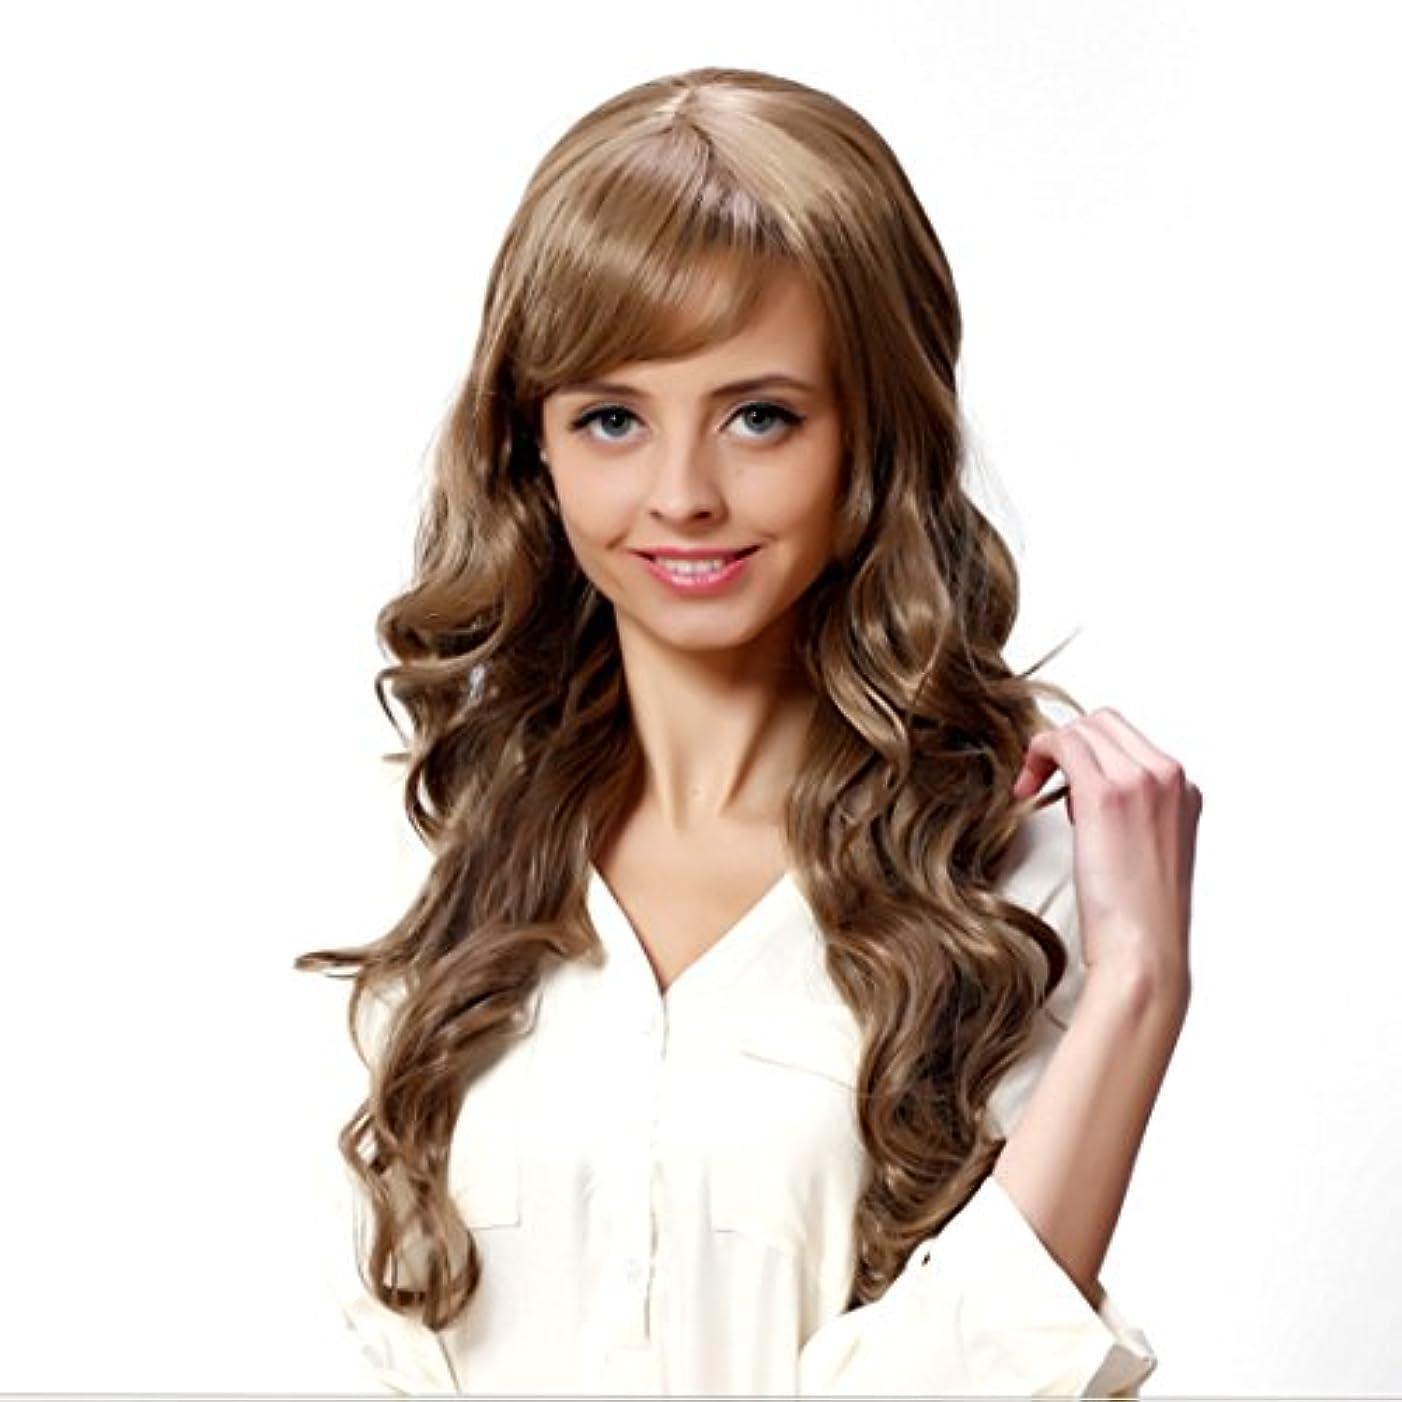 影響マーベルベッドを作るJIANFU 女性のための現実的な大きな波状の長い縮毛のかつらフルサイズの頭のカーリーヘアフラフリな梨のフラワーウィッグ修正された顔の長さ21inch / 22inch(ブラウンブラック/ベージュ)のための斜めバンズウィッグ...